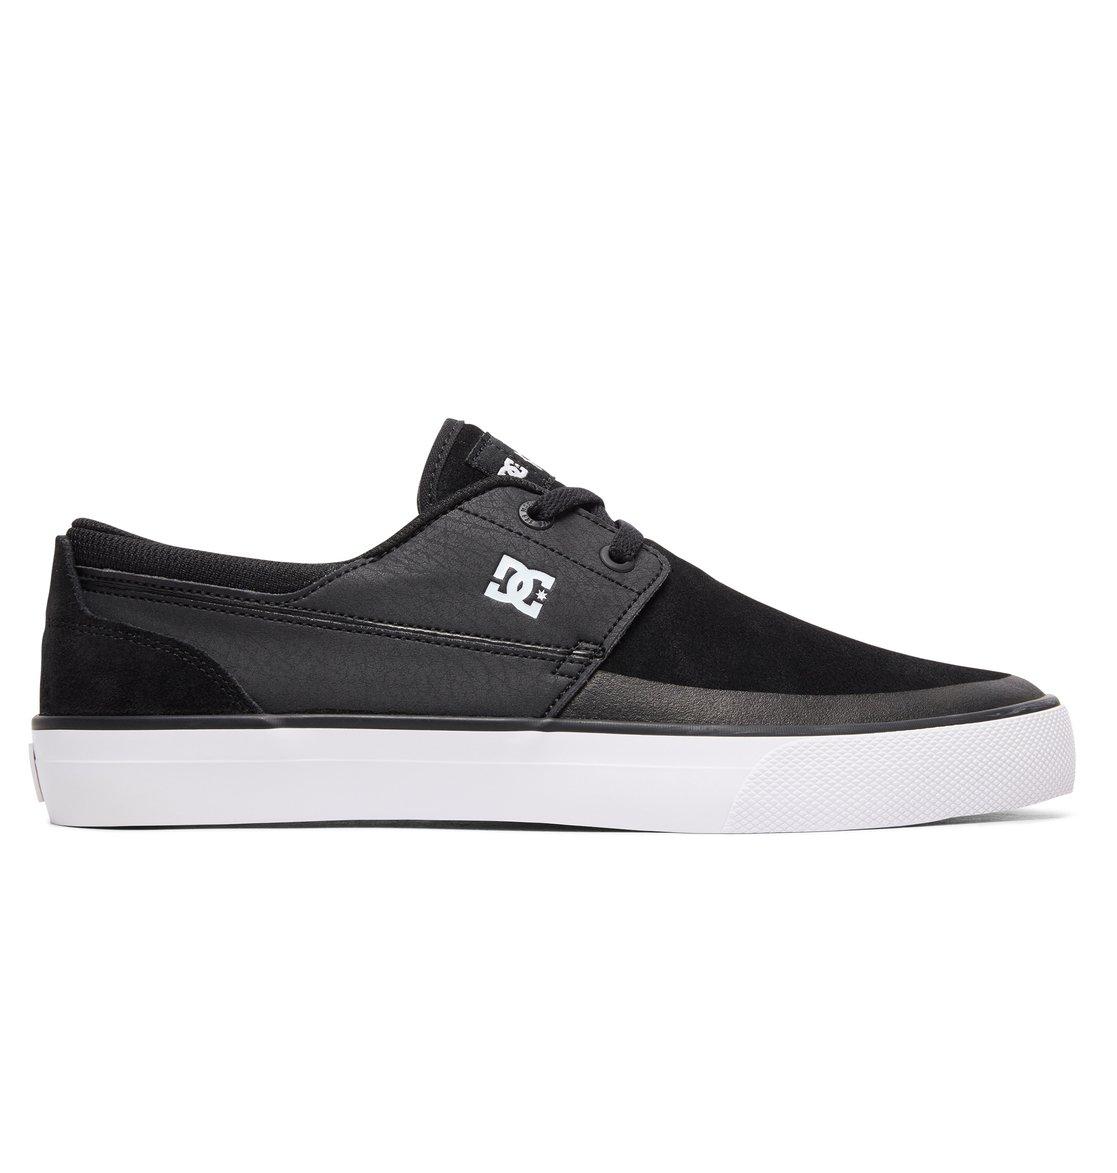 DC Shoes WES KREMER black blue white Noir - Livraison Gratuite avec - Chaussures Chaussures de Skate Homme